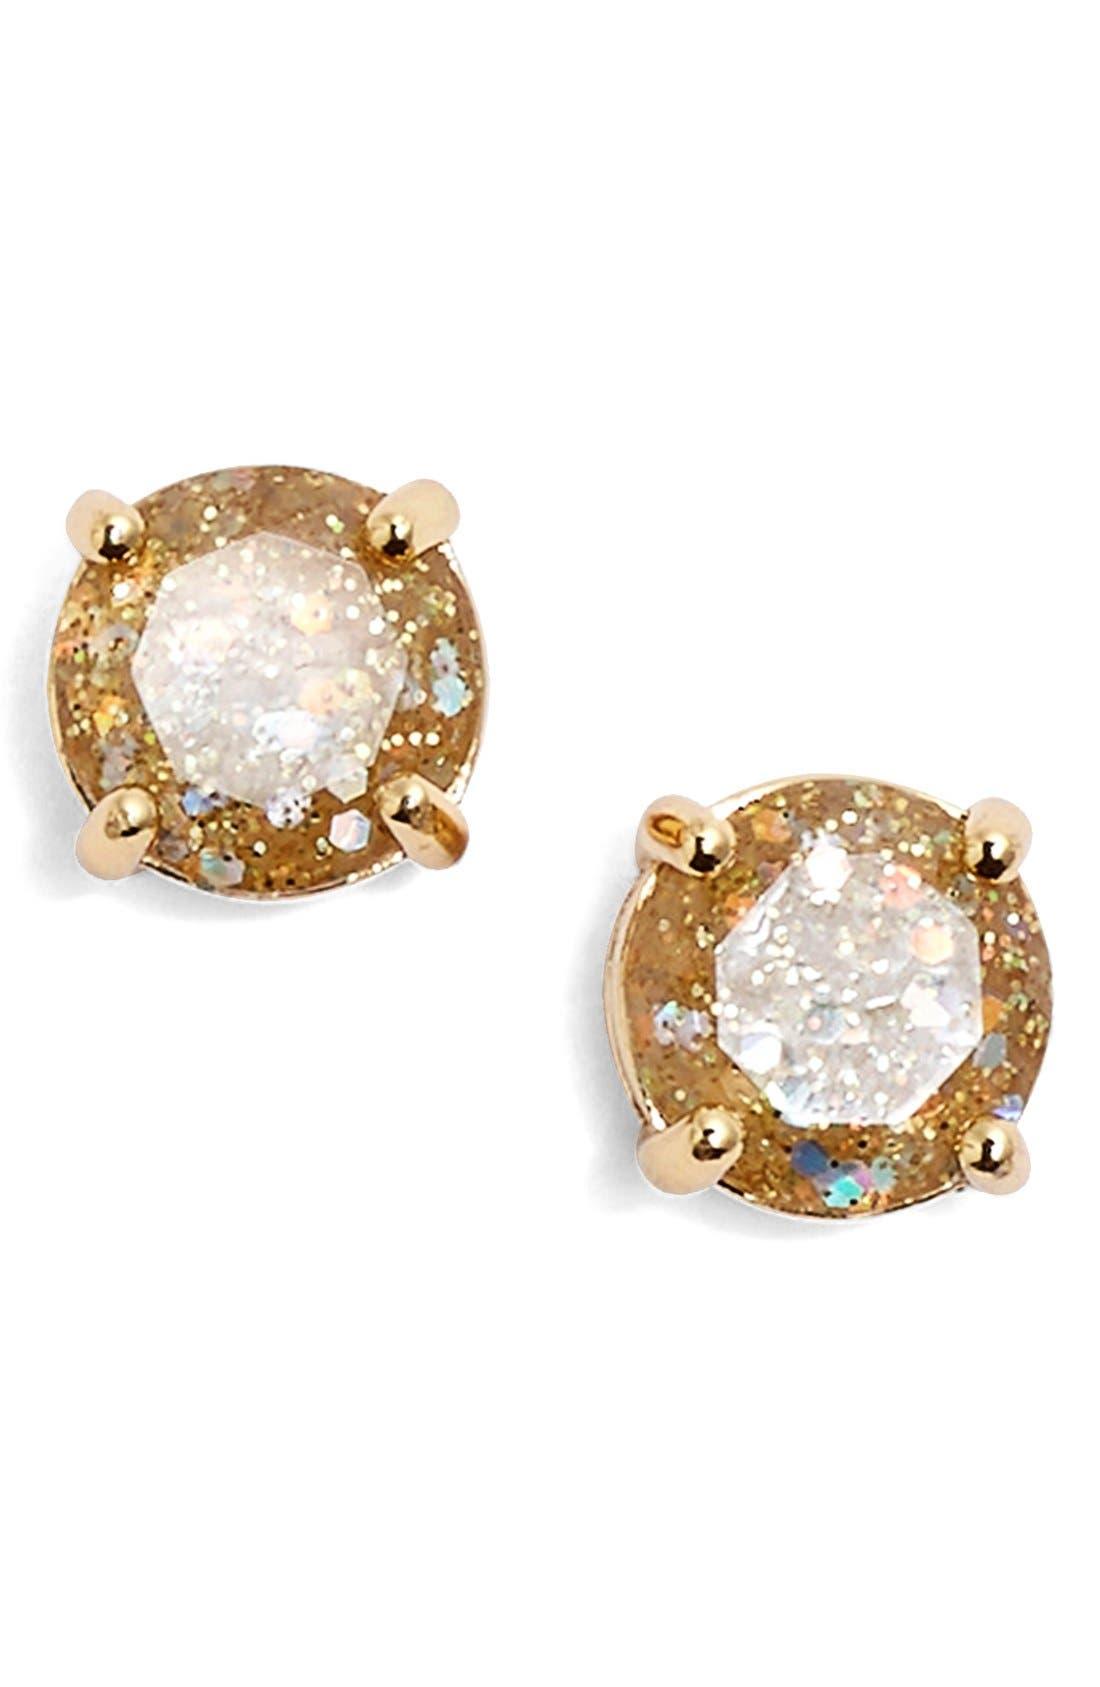 Alternate Image 1 Selected - kate spade new york 'mini glitter' stud earrings